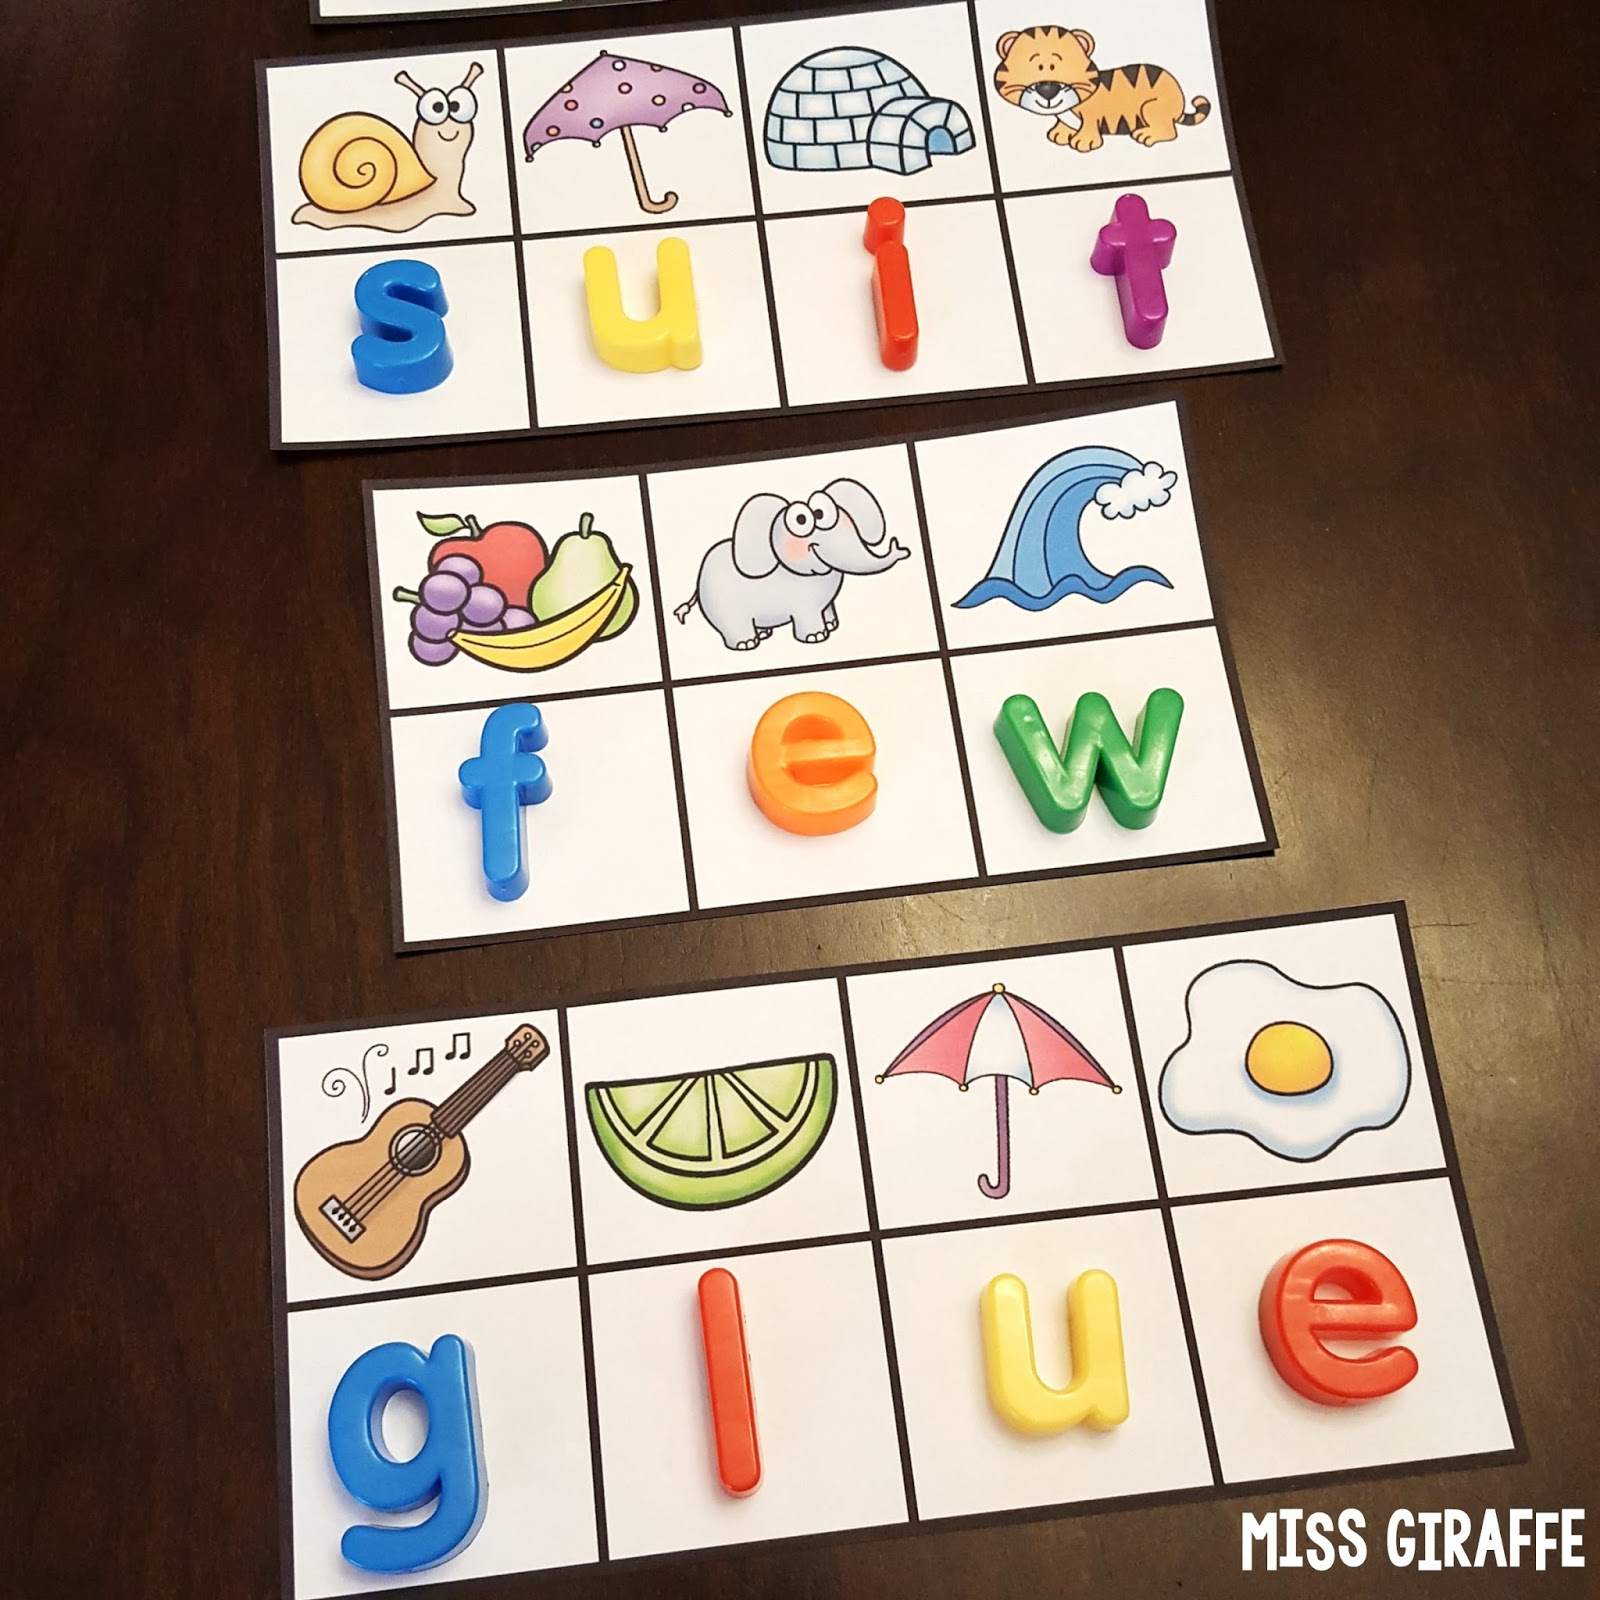 Miss Giraffe S Class Ew Ue Ui Activities